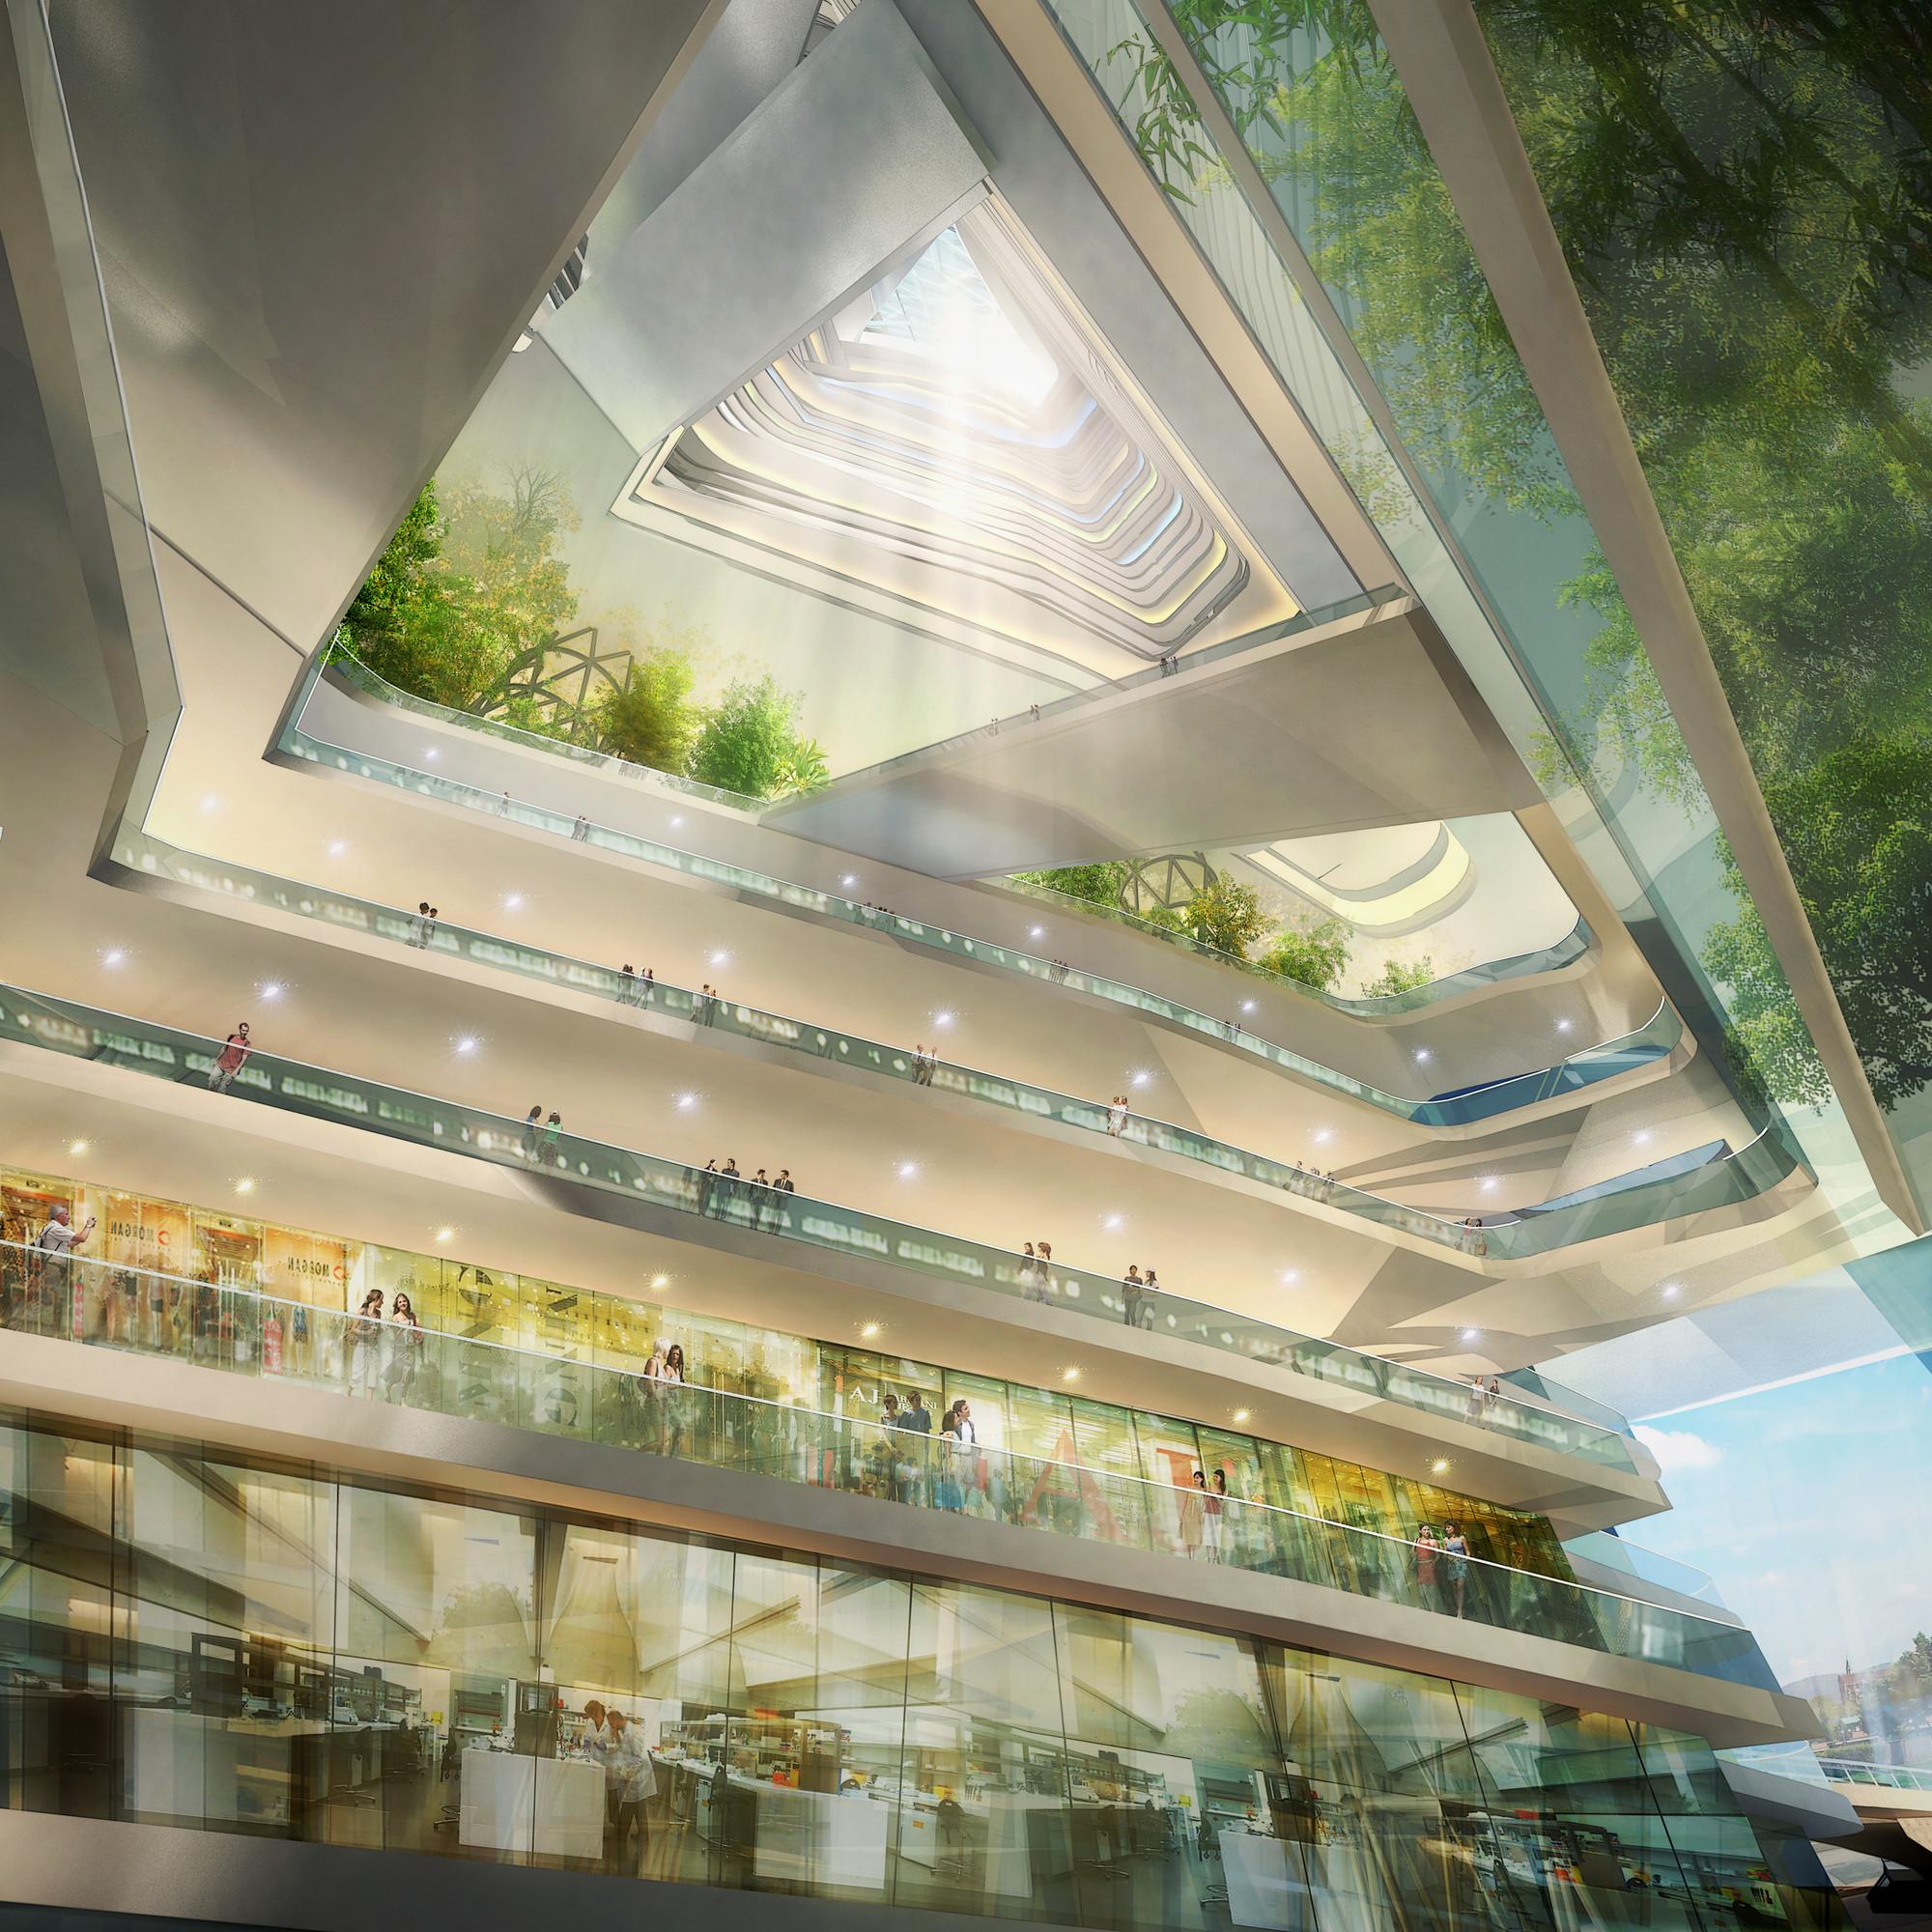 Vista interior. Image Cortesia de SURE Architecture Company